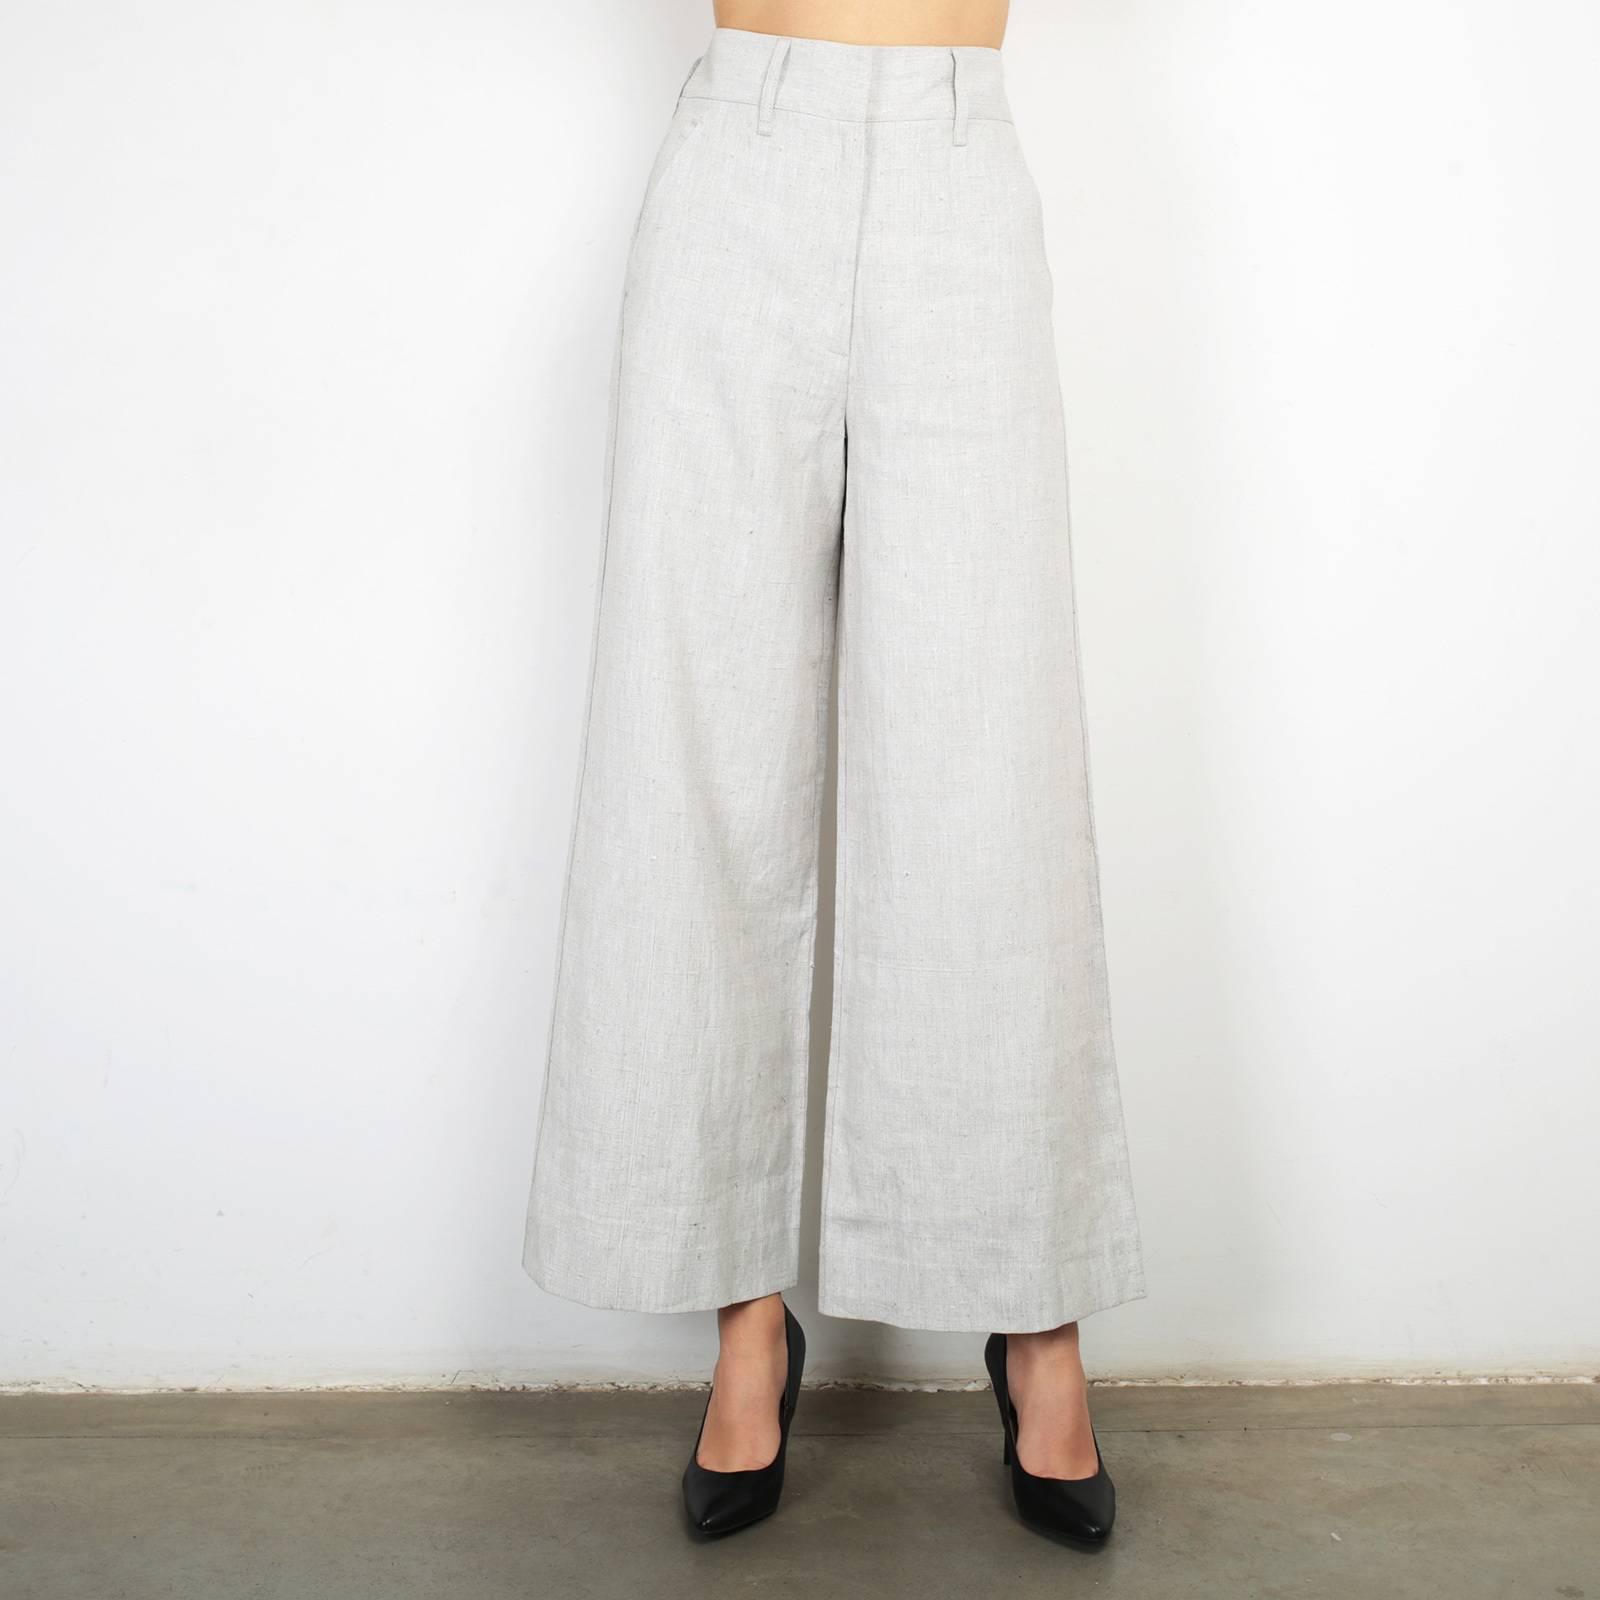 Купить брюки Maison Martin Margiela в Москве с доставкой по цене ... 282aed53af3